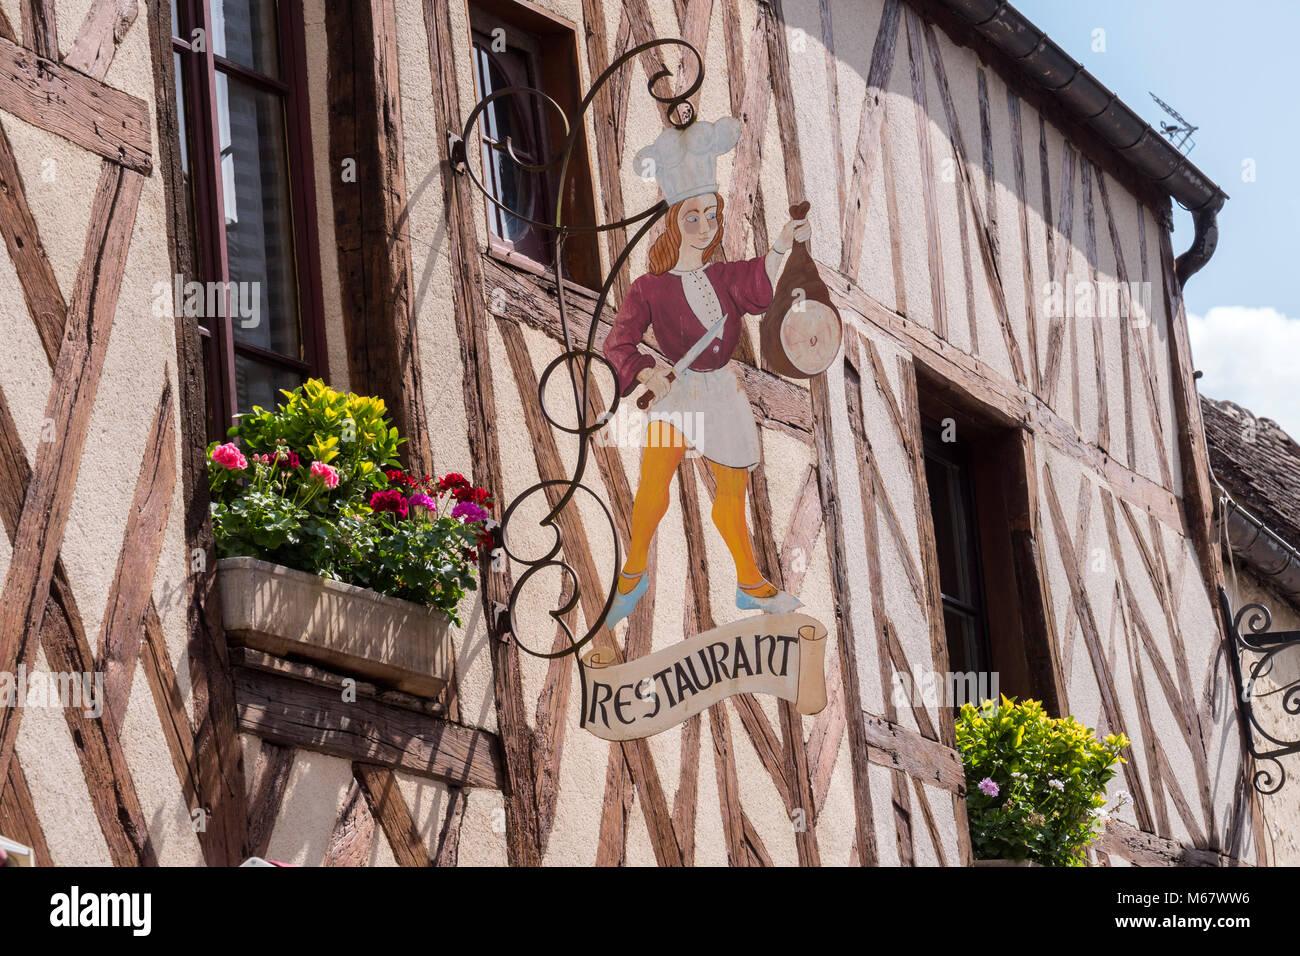 Cite Medieval Provins Seine-et-Marne Ile-de-France France Stock Photo